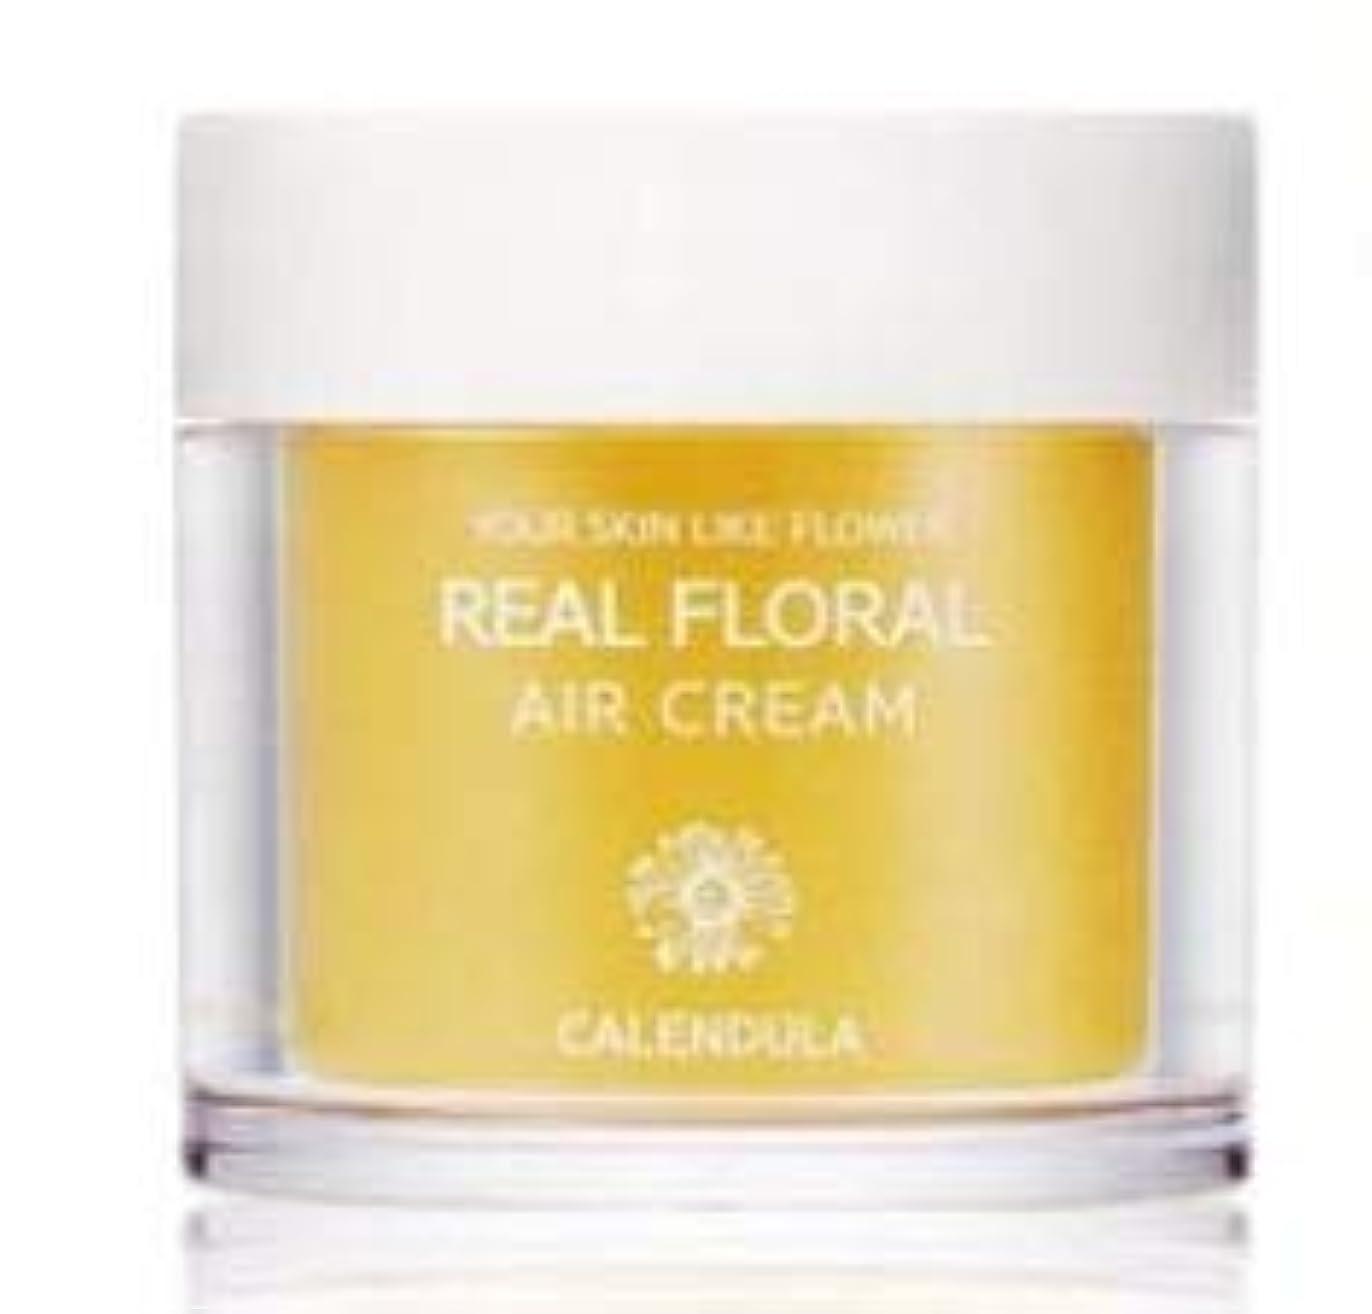 王朝登山家何でもNATURAL PACIFIC Real Floral Air Cream 100ml (Calendula) /ナチュラルパシフィック リアル カレンデュラ エア クリーム 100ml [並行輸入品]